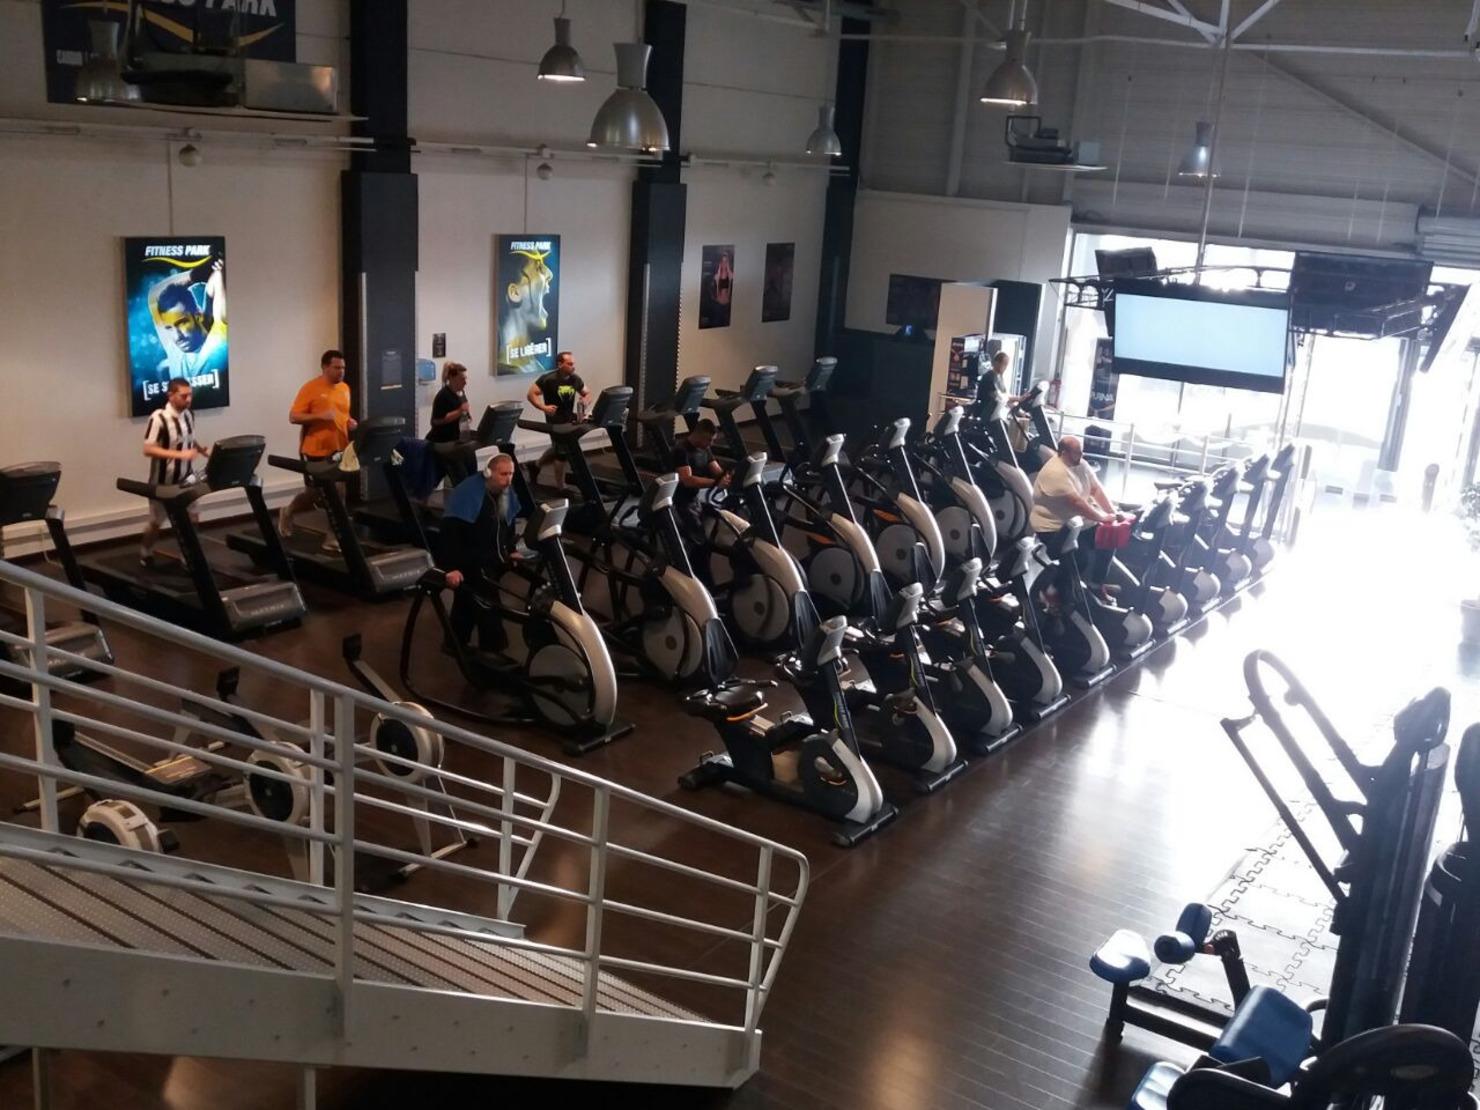 Fitness Park Hénin Beaumont